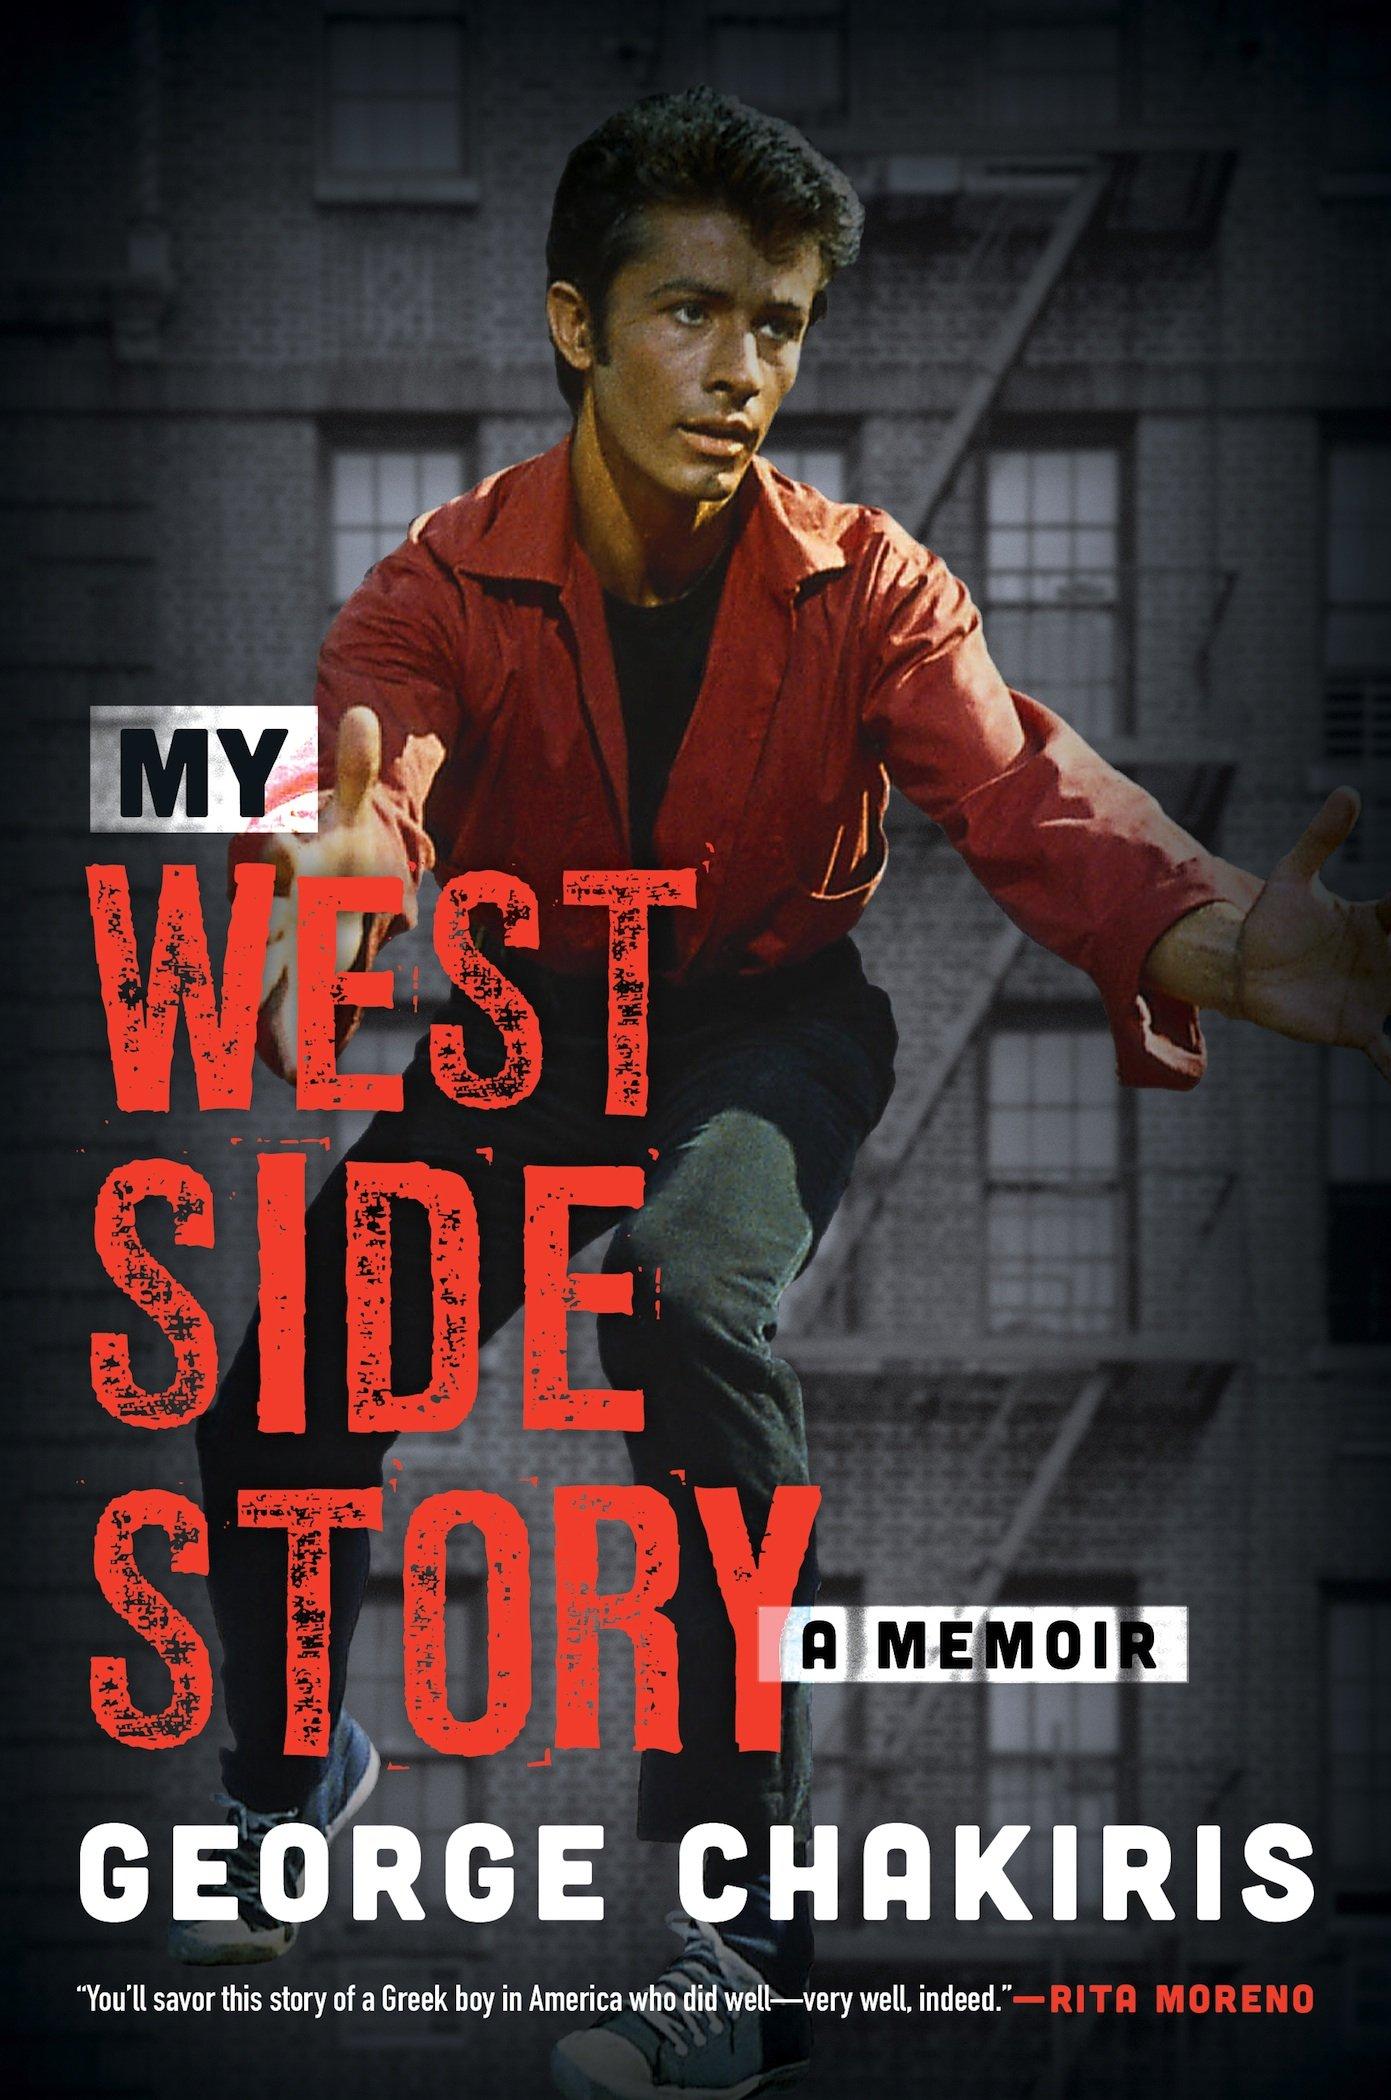 George Chakiris Book, My West Side Story: A Memoir